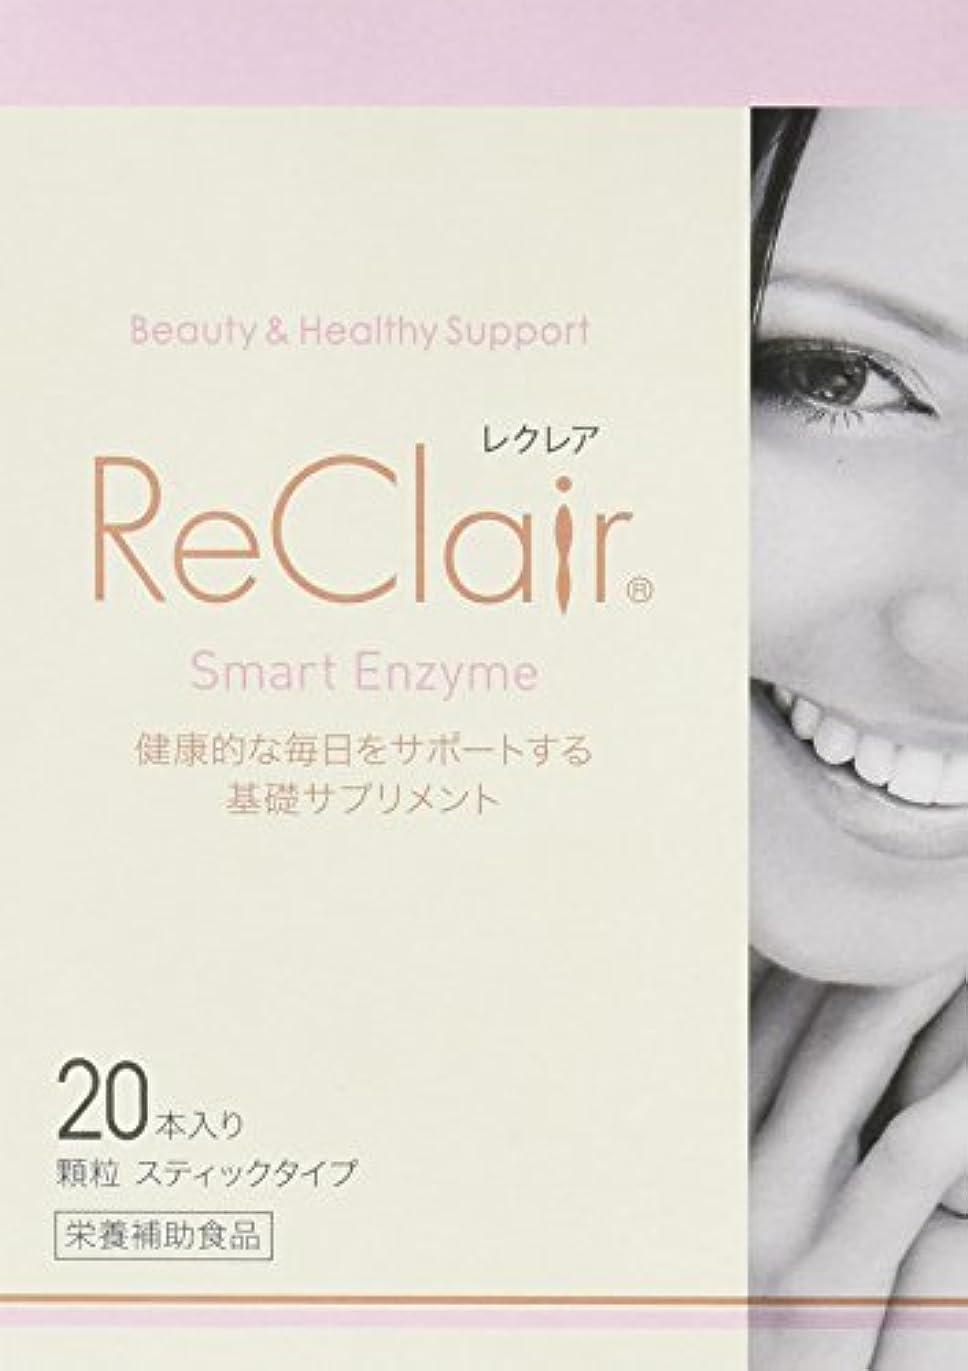 捨てる乱れ全部ReClair(レクレア) 10箱セット (2g×20本)